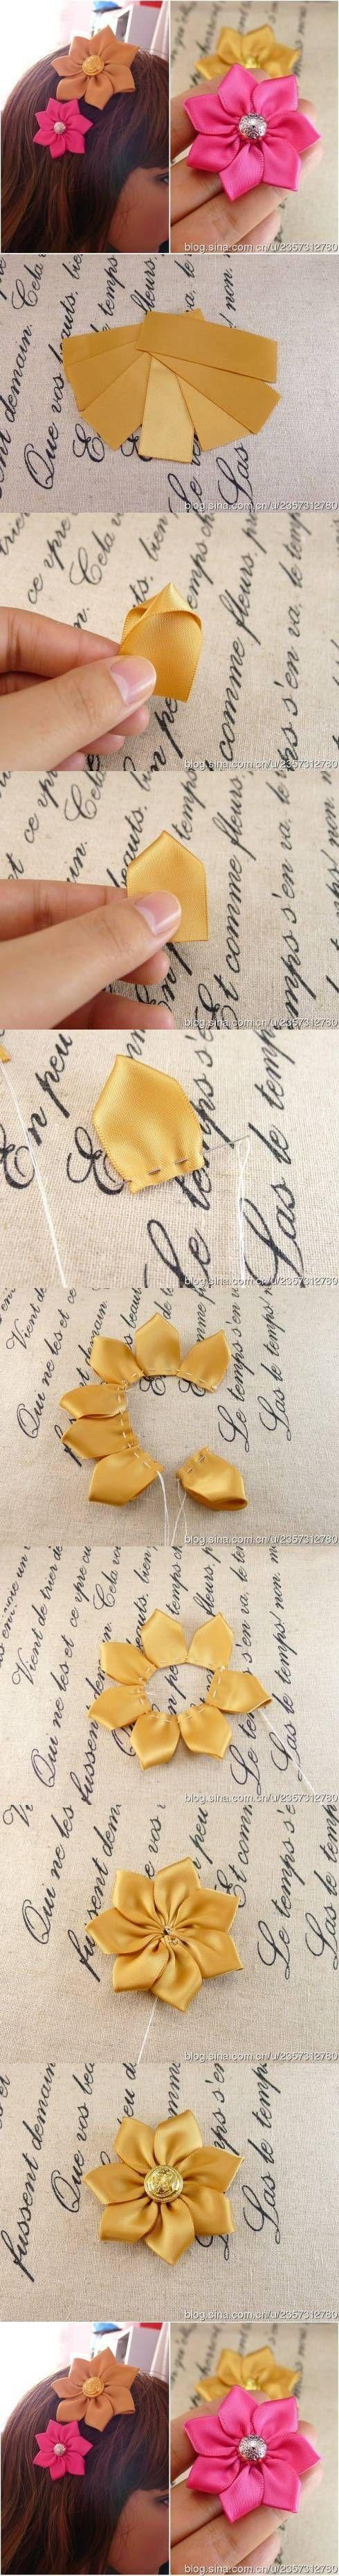 DIY cinta hecha a mano Flores DIY Proyectos | UsefulDIY.com